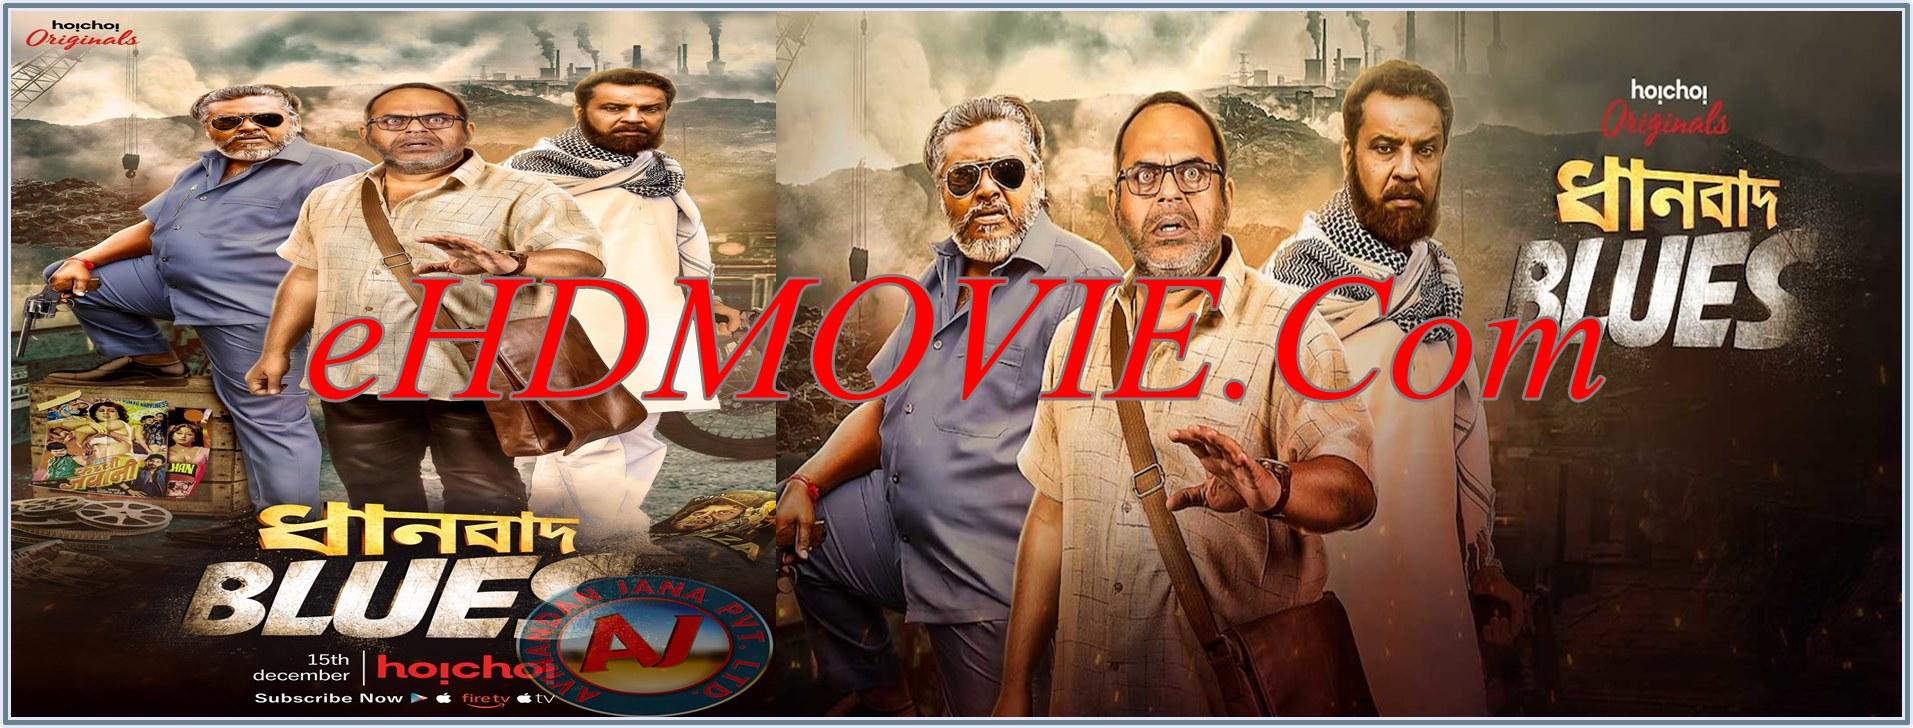 Dhanbad Blues 2018 Season 01 Hoichoi Originals Bengali Web Series Complete Original 480p - 720p ORG WEB-DL 300MB - 950MB